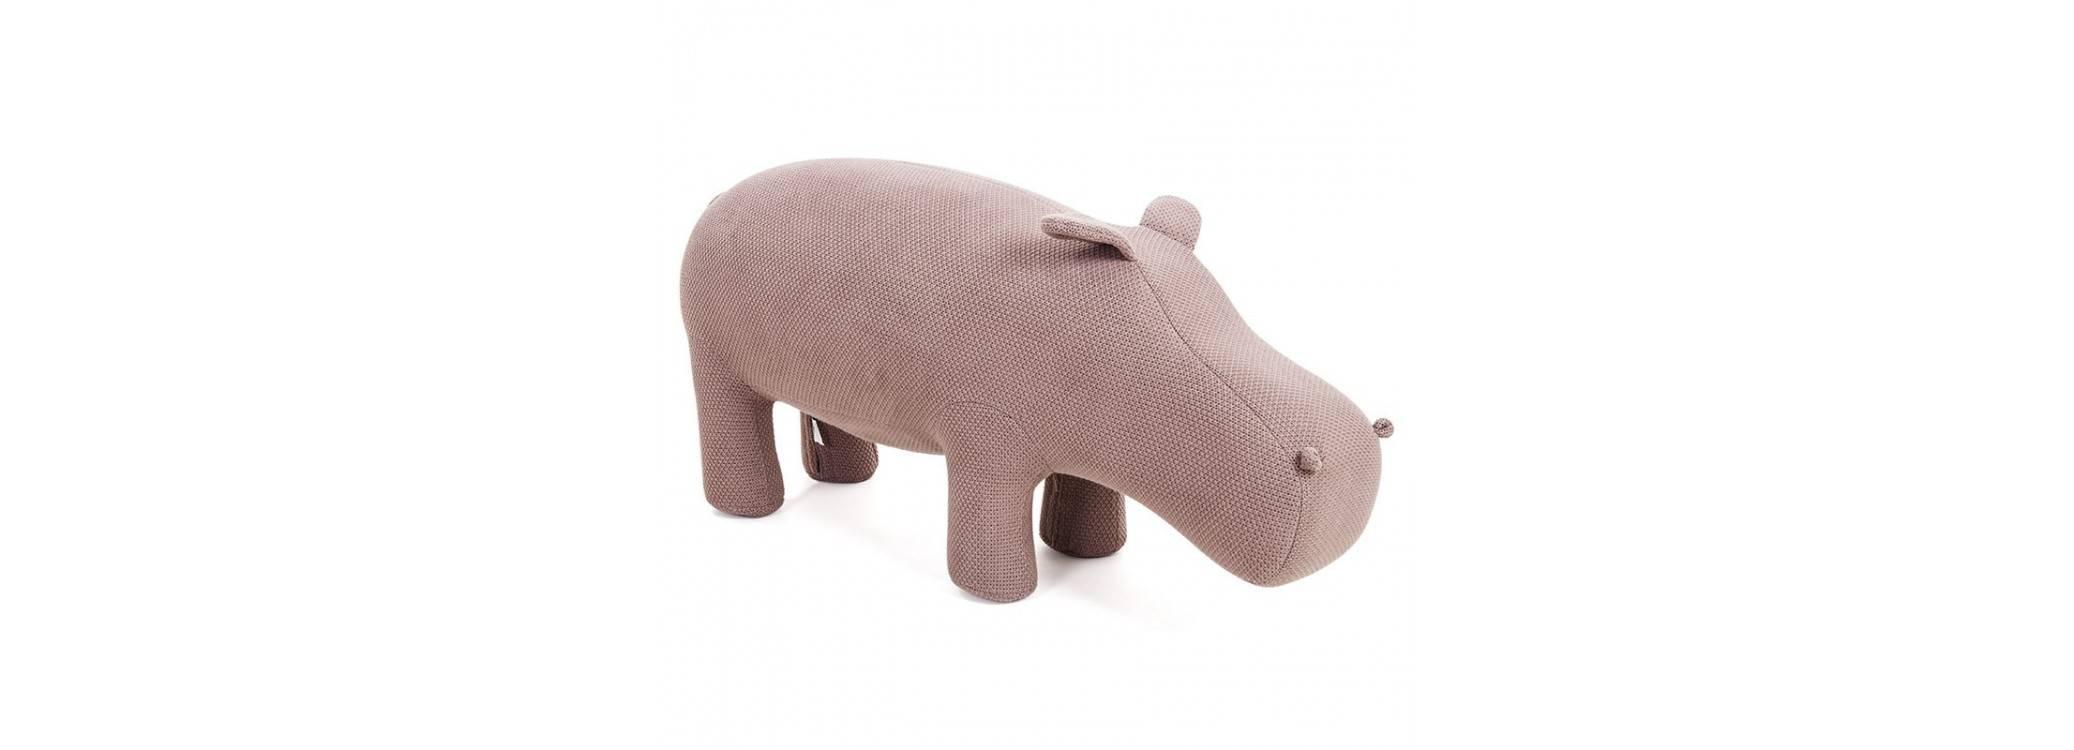 Pouf - tabouret hippopotame marron